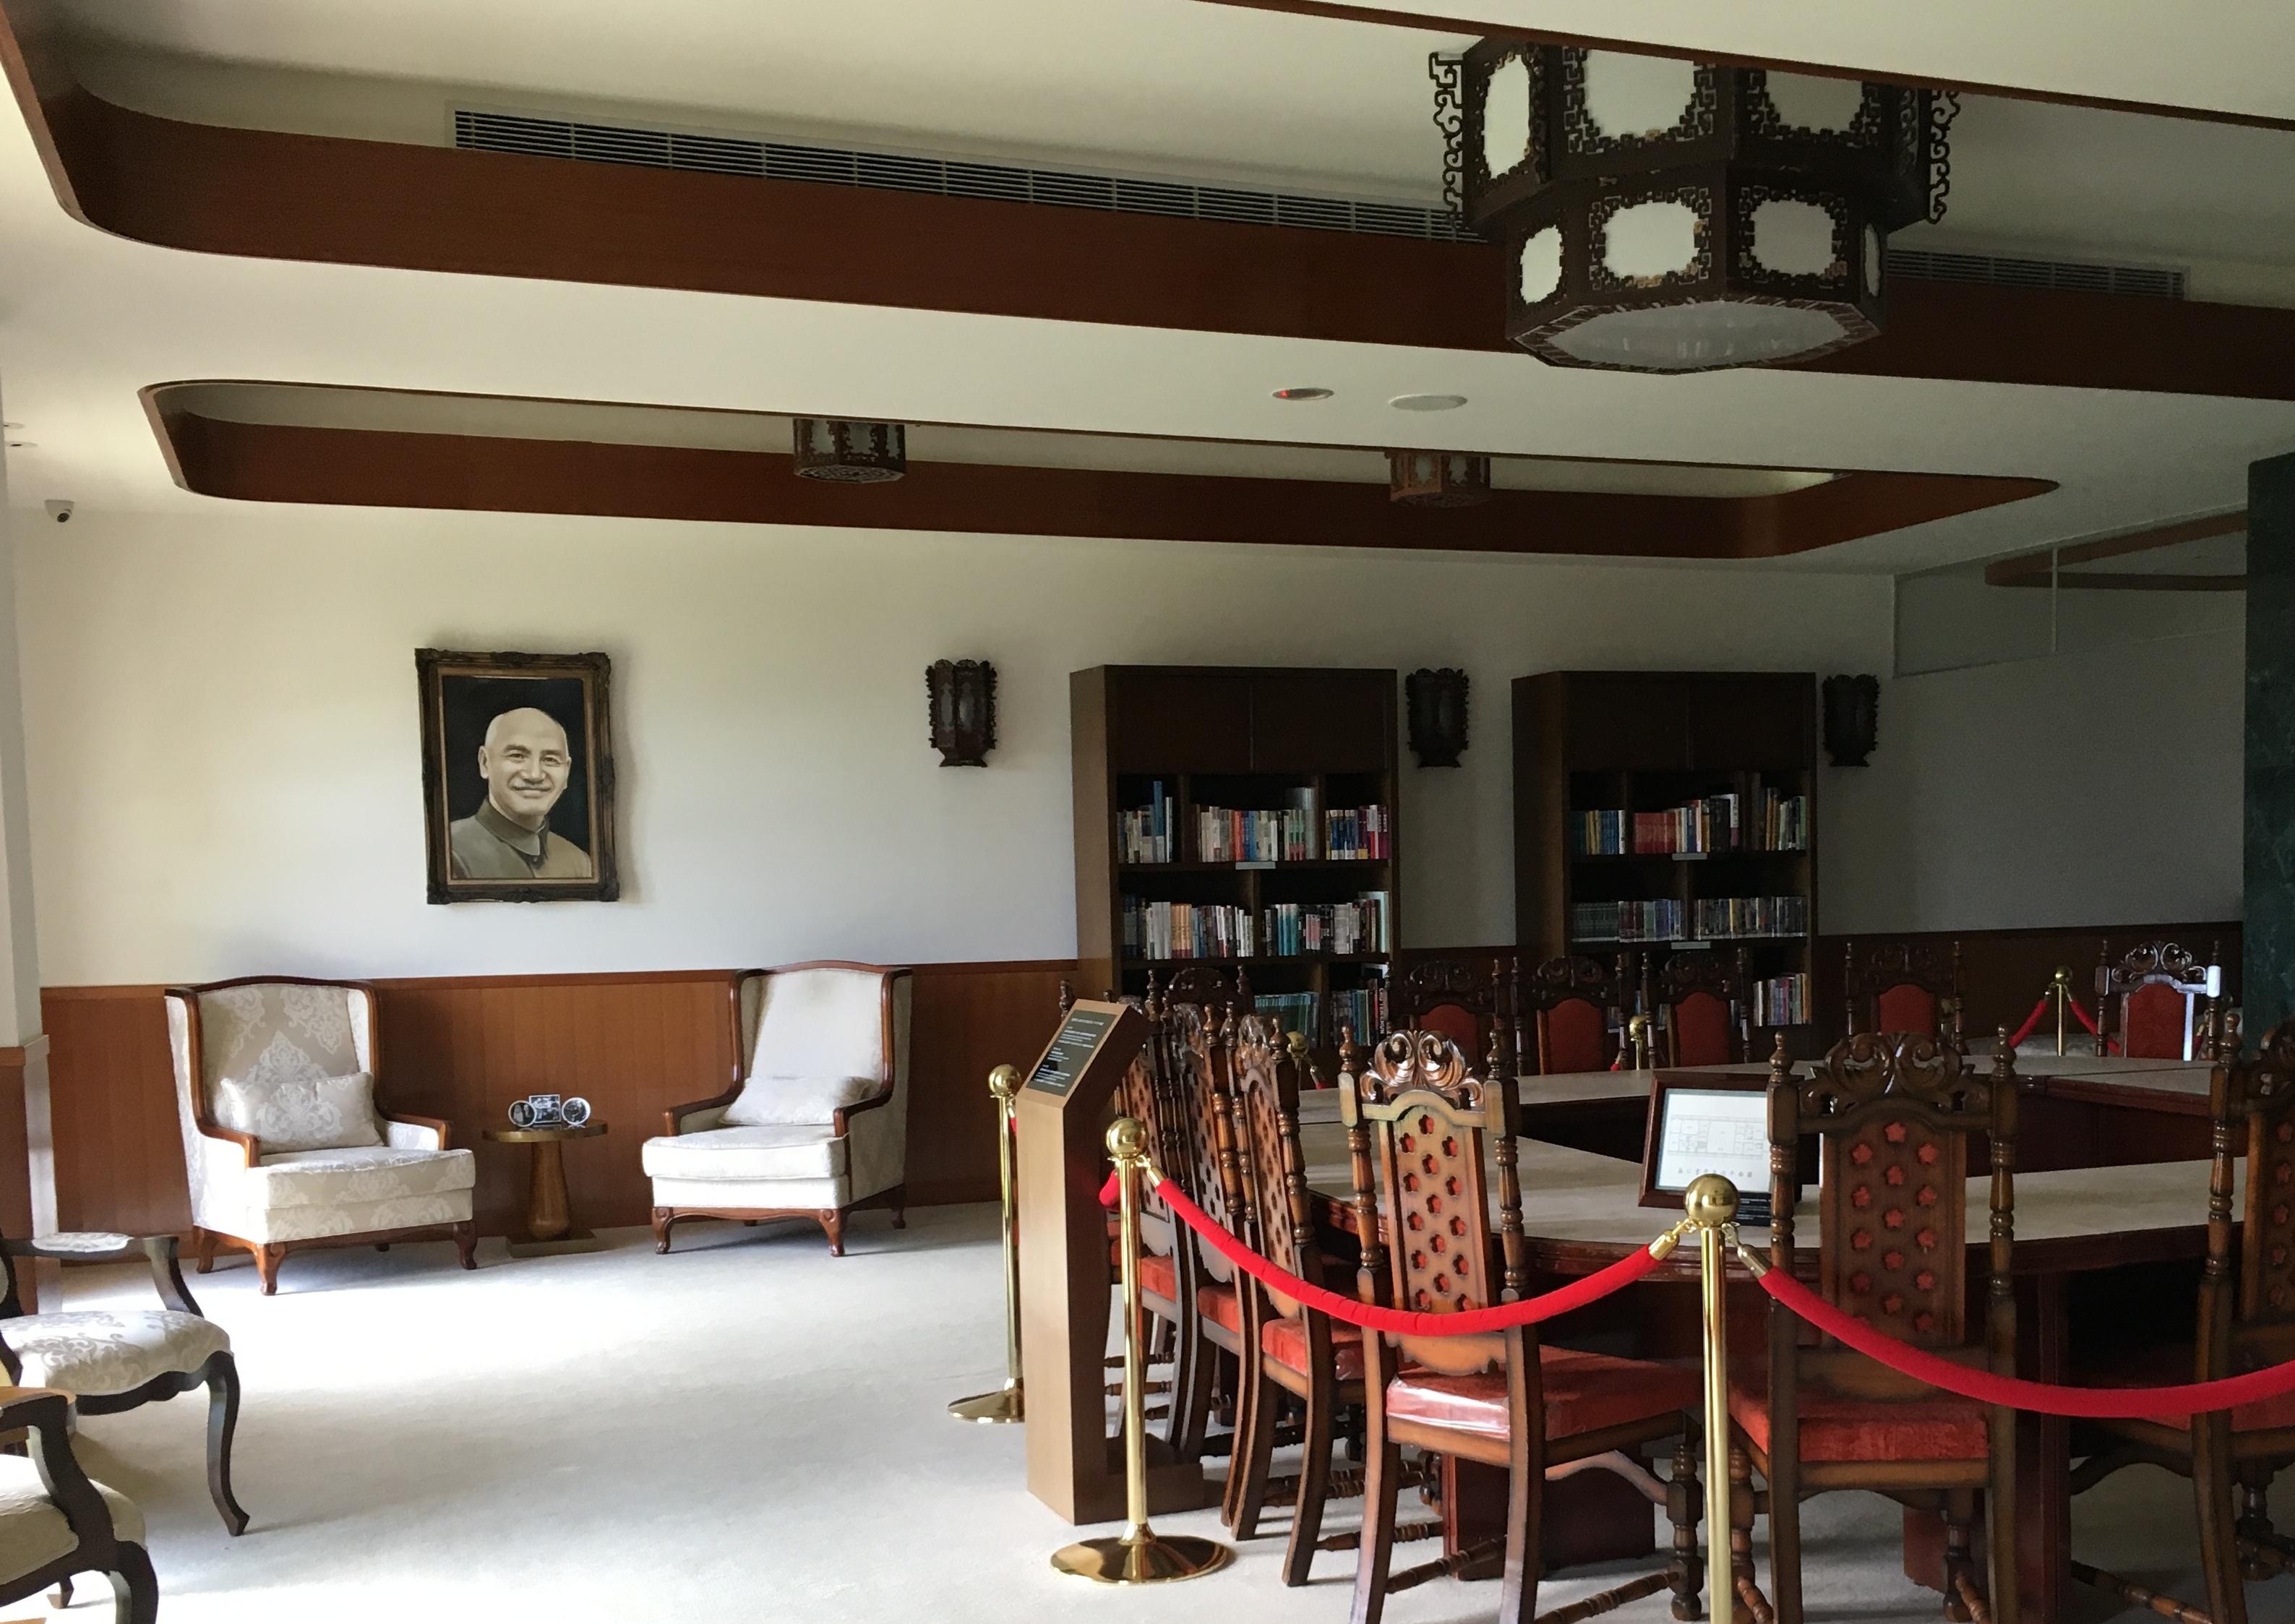 ホテル・グロリアマナーにゆかりのある蒋介石